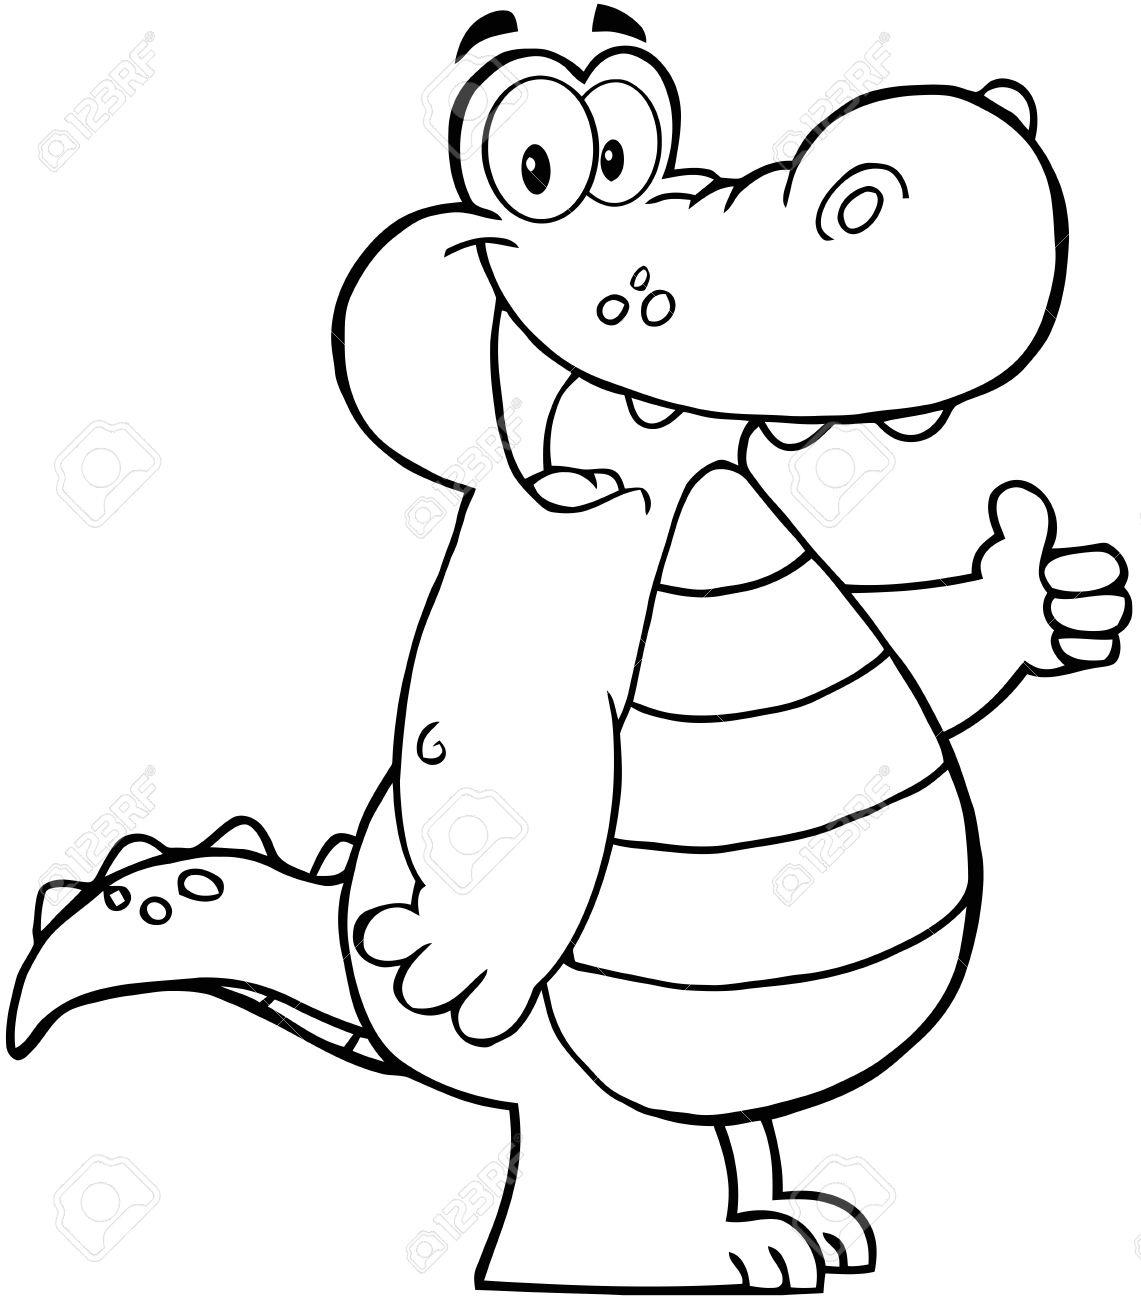 Gator clipart black and white cute banner Cute alligator clipart black and white letters example jpg - ClipartPost banner